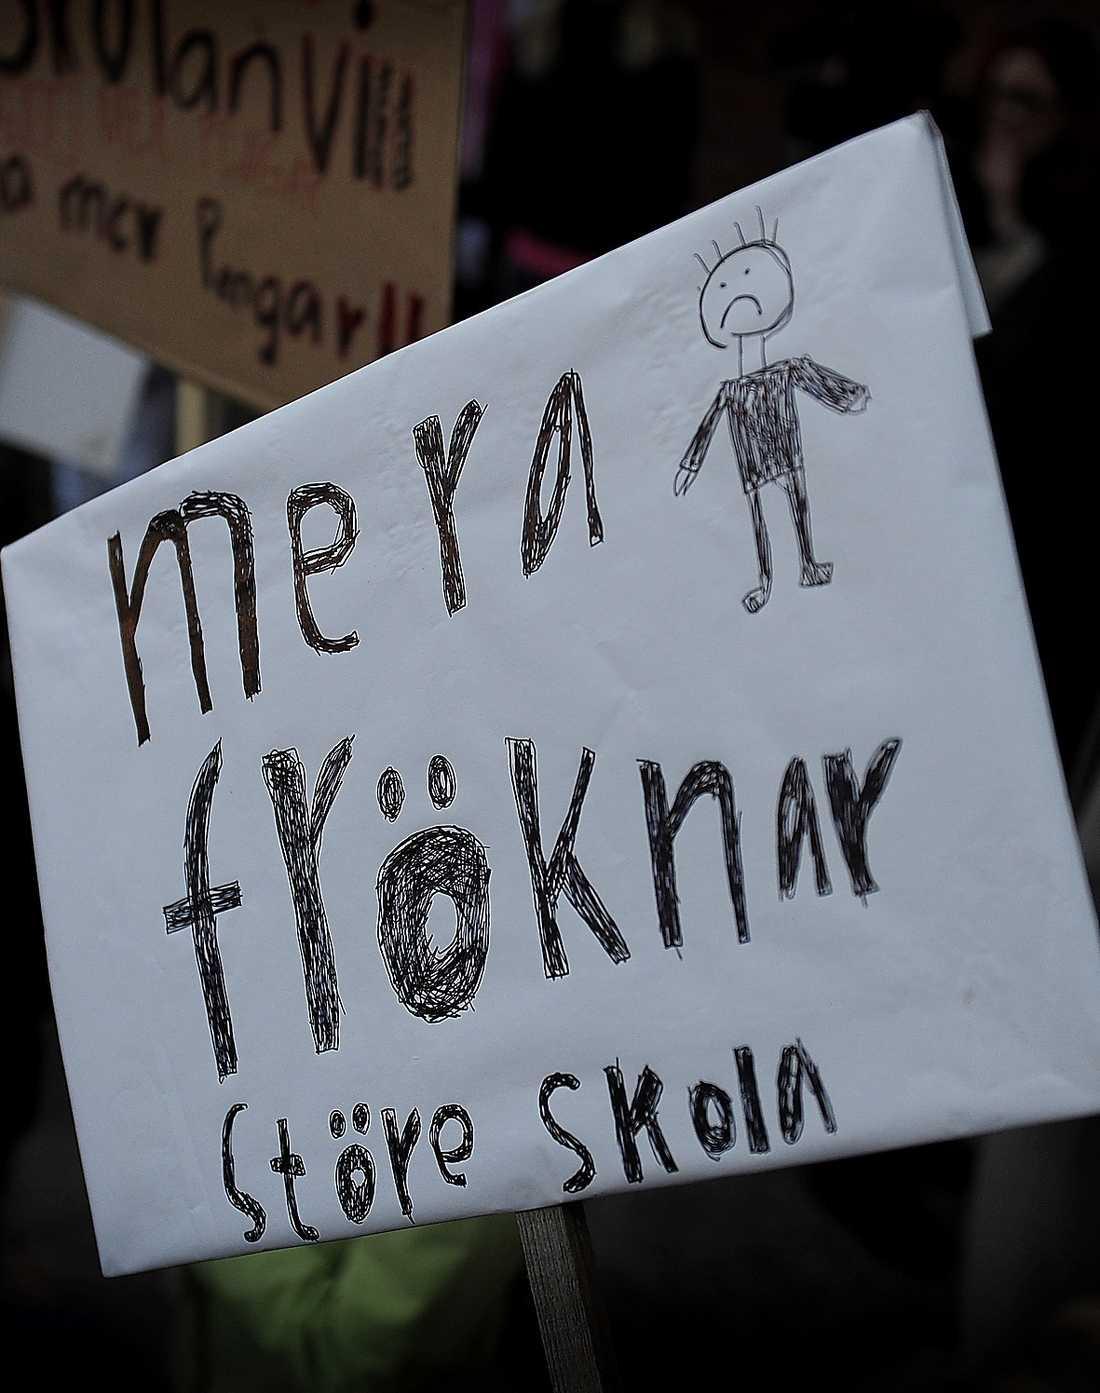 Upproren sprider sig över landet. Lärare, föräldrar och elever protesterar mot nedskärningar i skolorna.